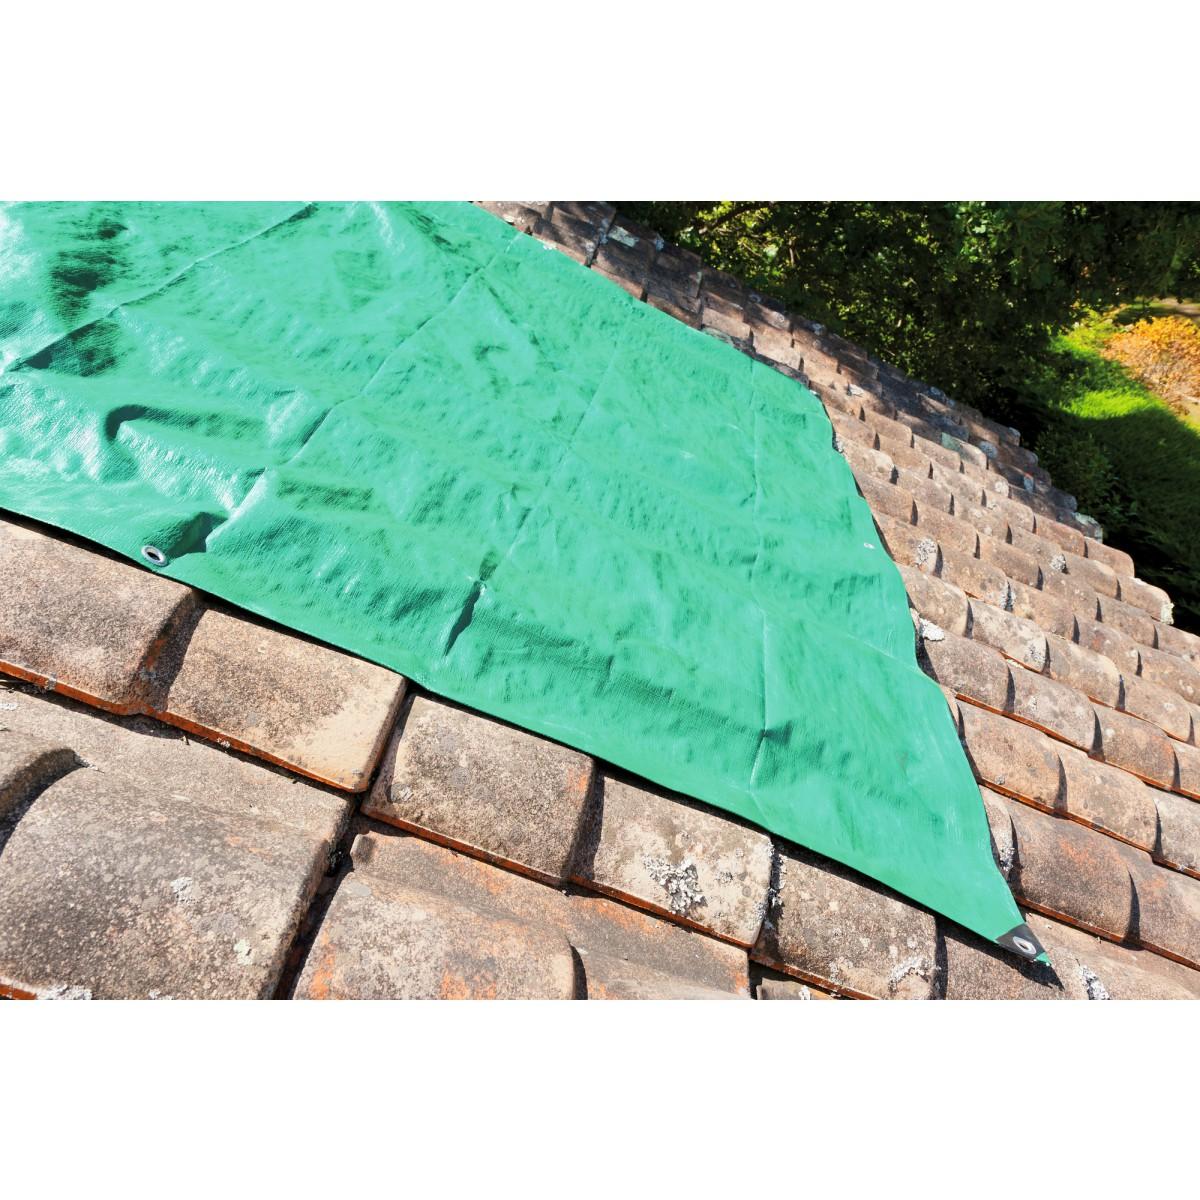 B che de protection pro cap vert dimensions 6 x 12 m de for Breistroff piscine cap vert